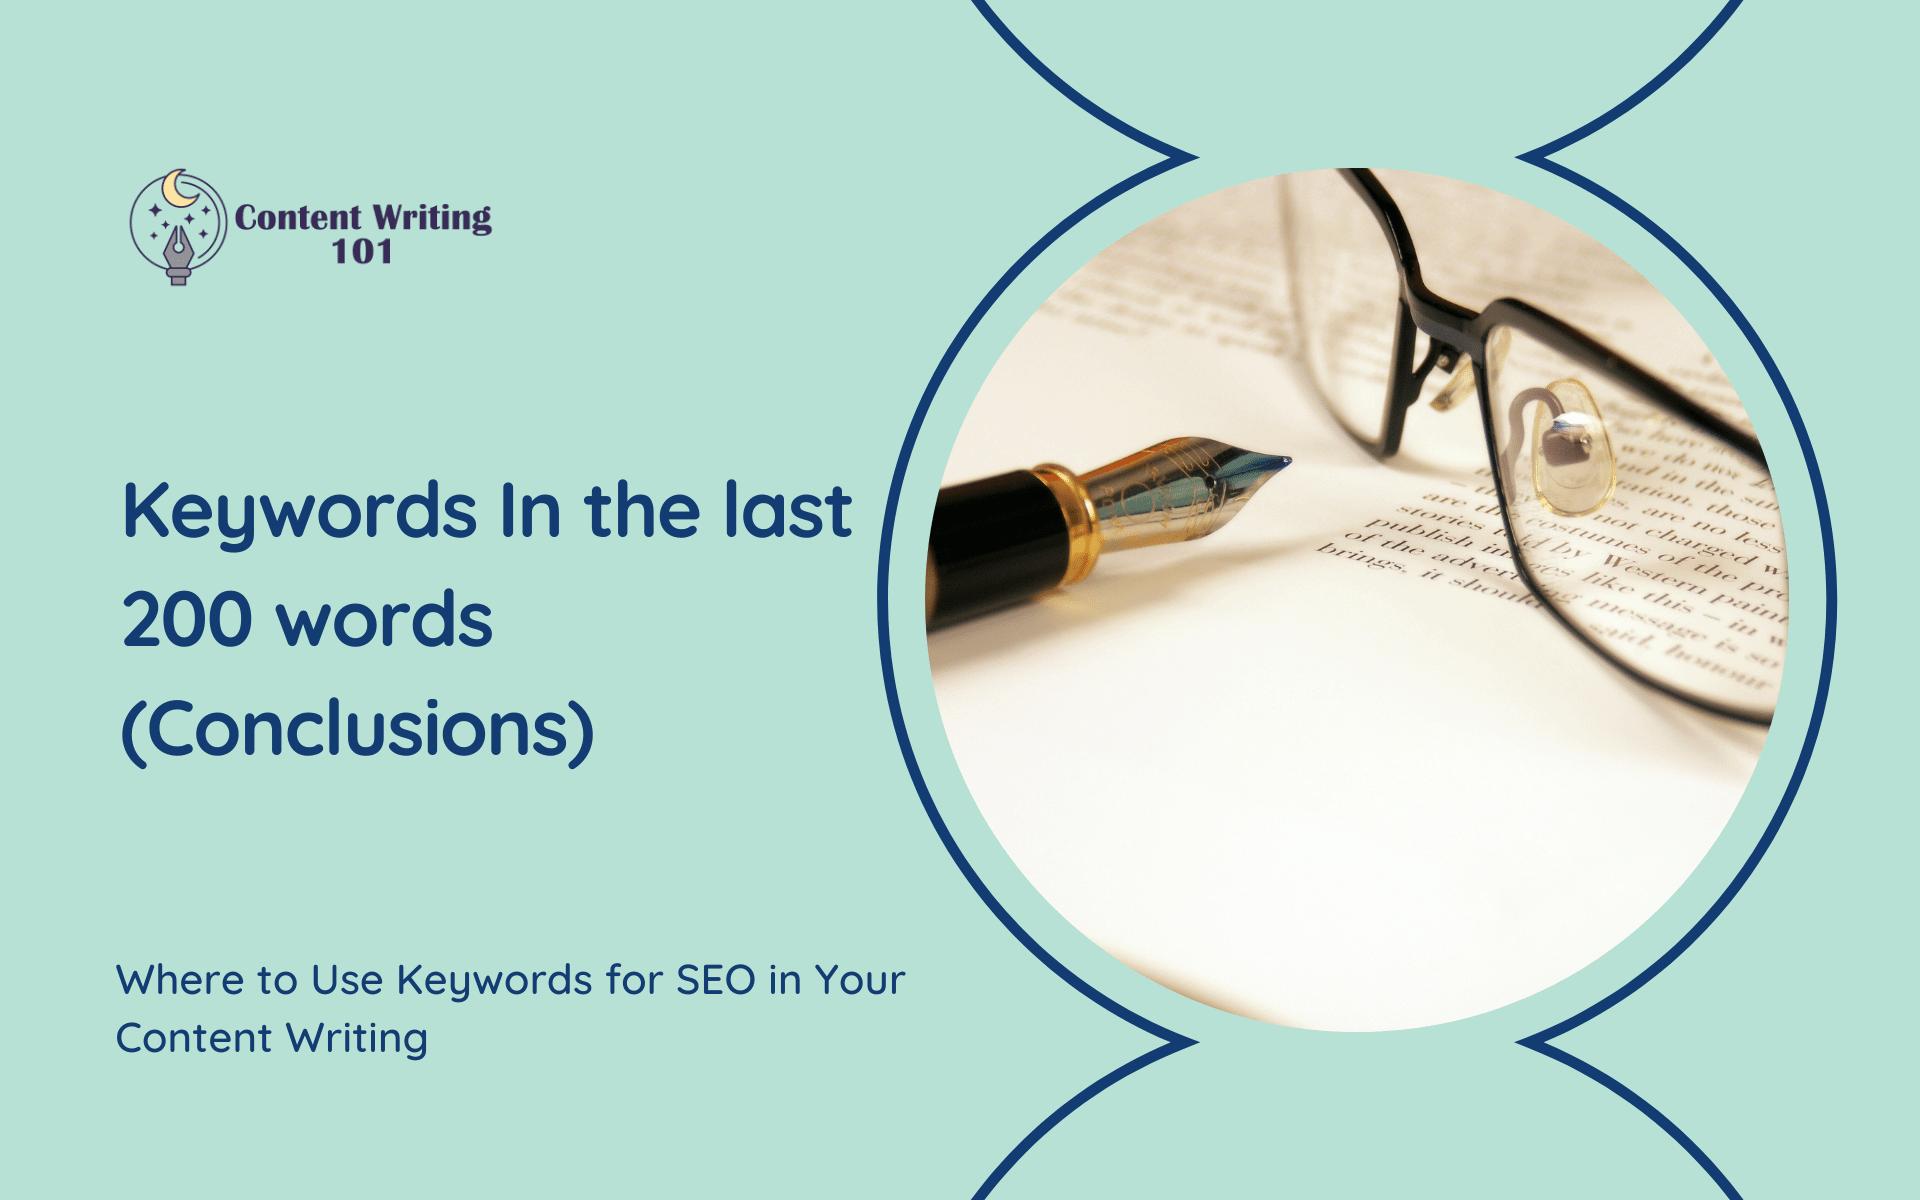 Keywords in The Last 100-200 Words